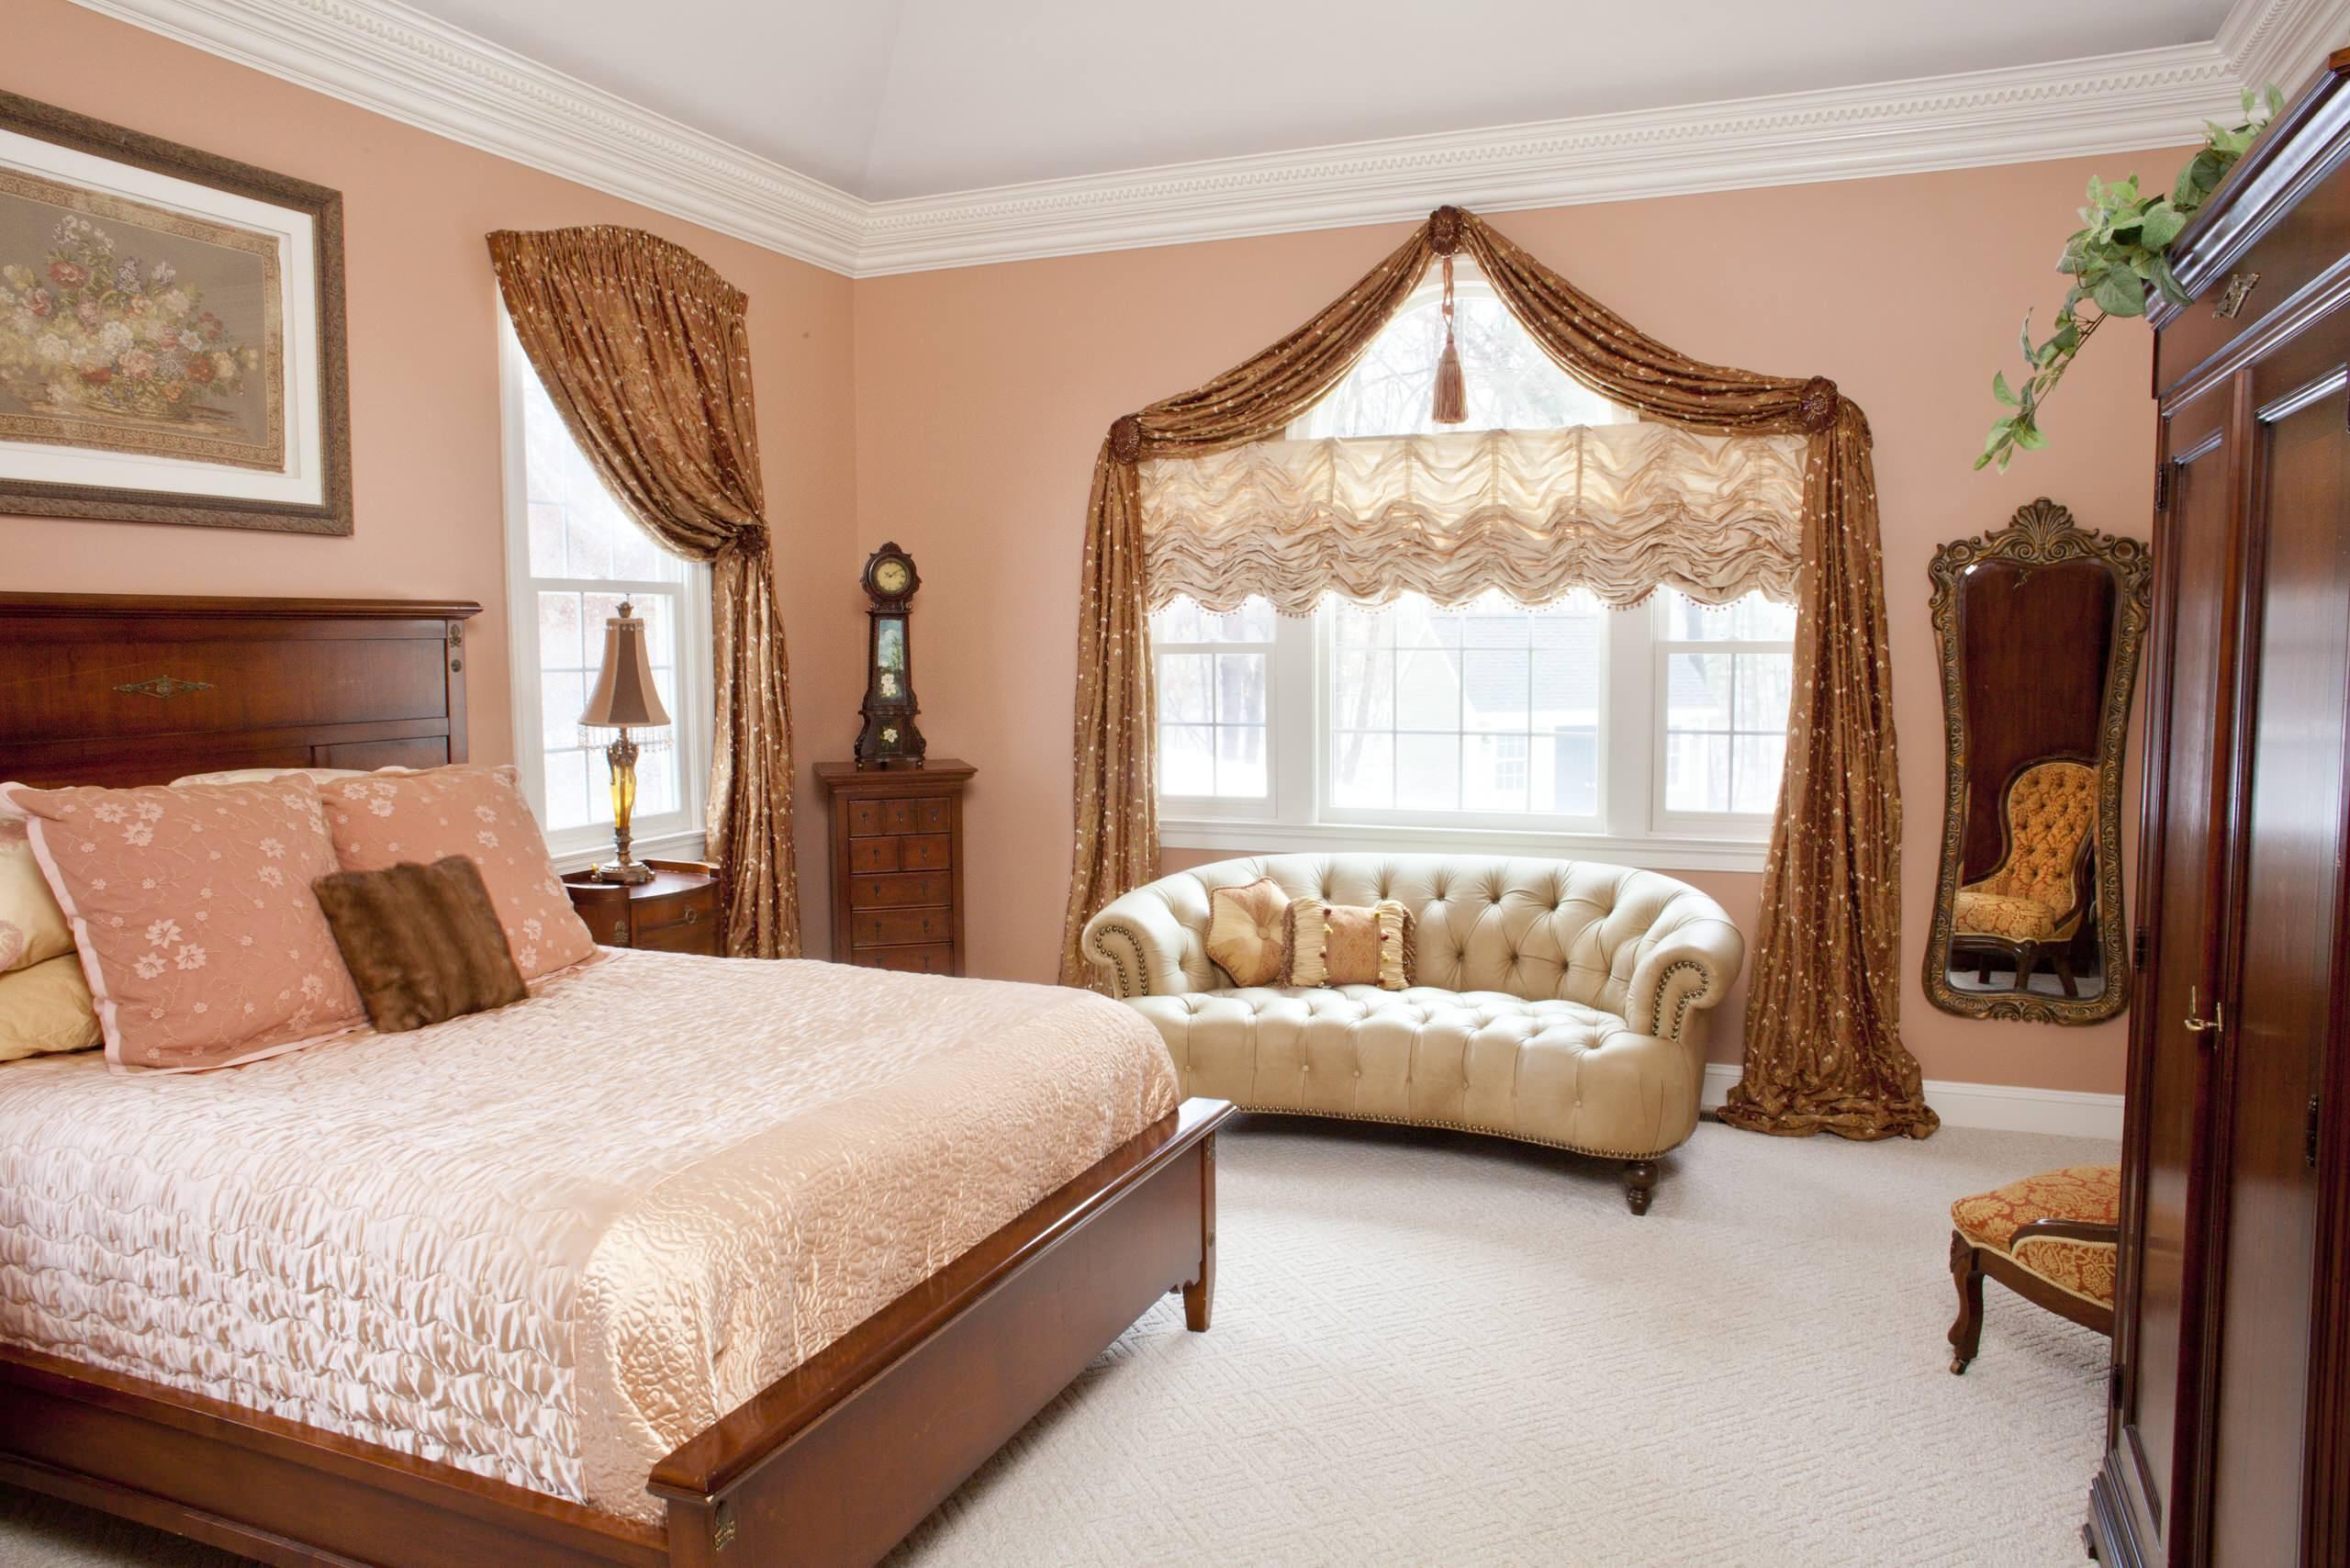 Chambre confortable décorée dans des couleurs chaudes